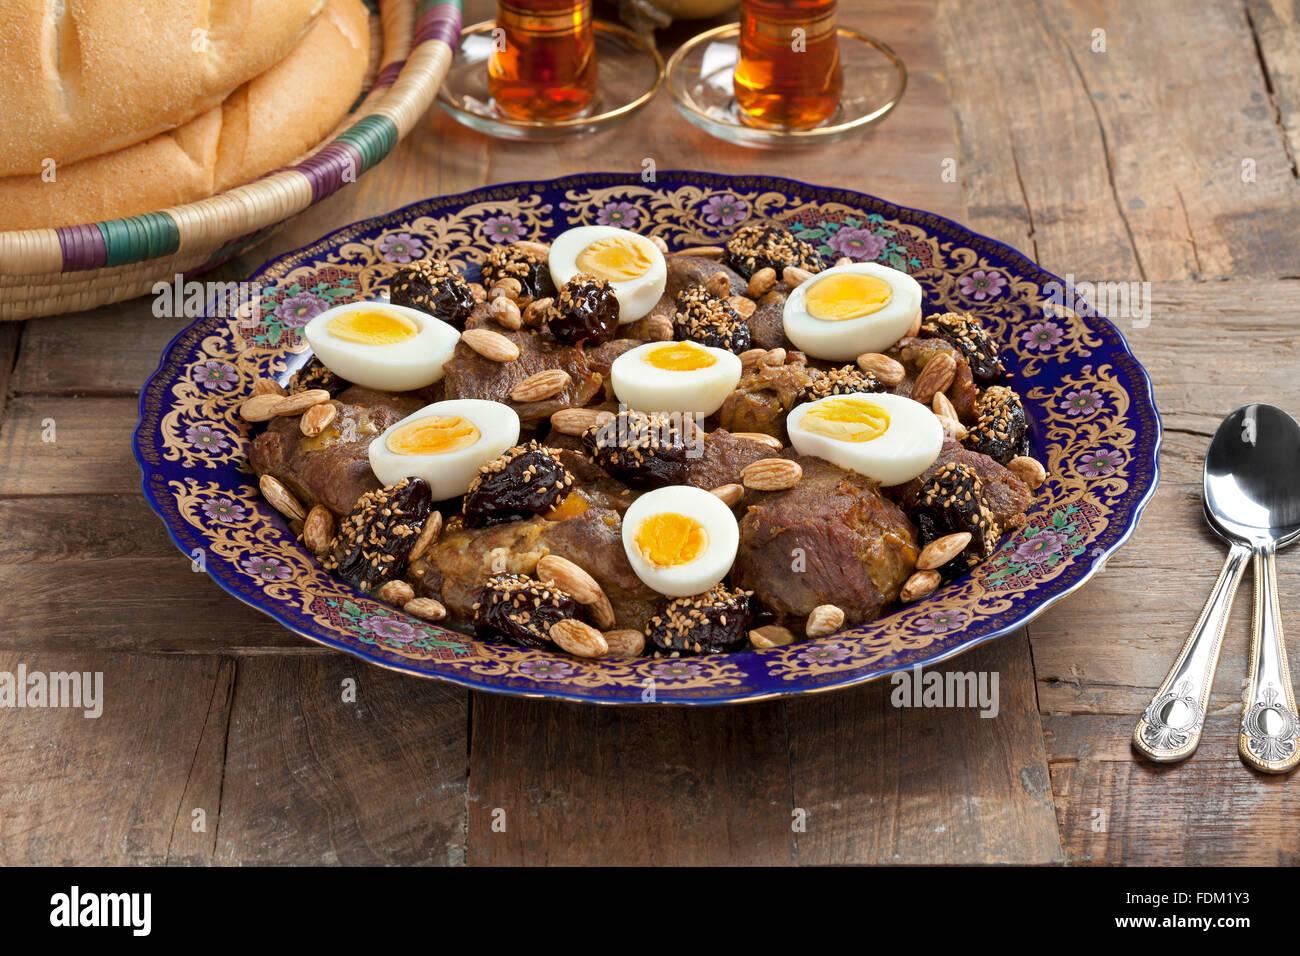 Festividad marroquí plato con carne, ciruelas, almendras y huevos Imagen De Stock